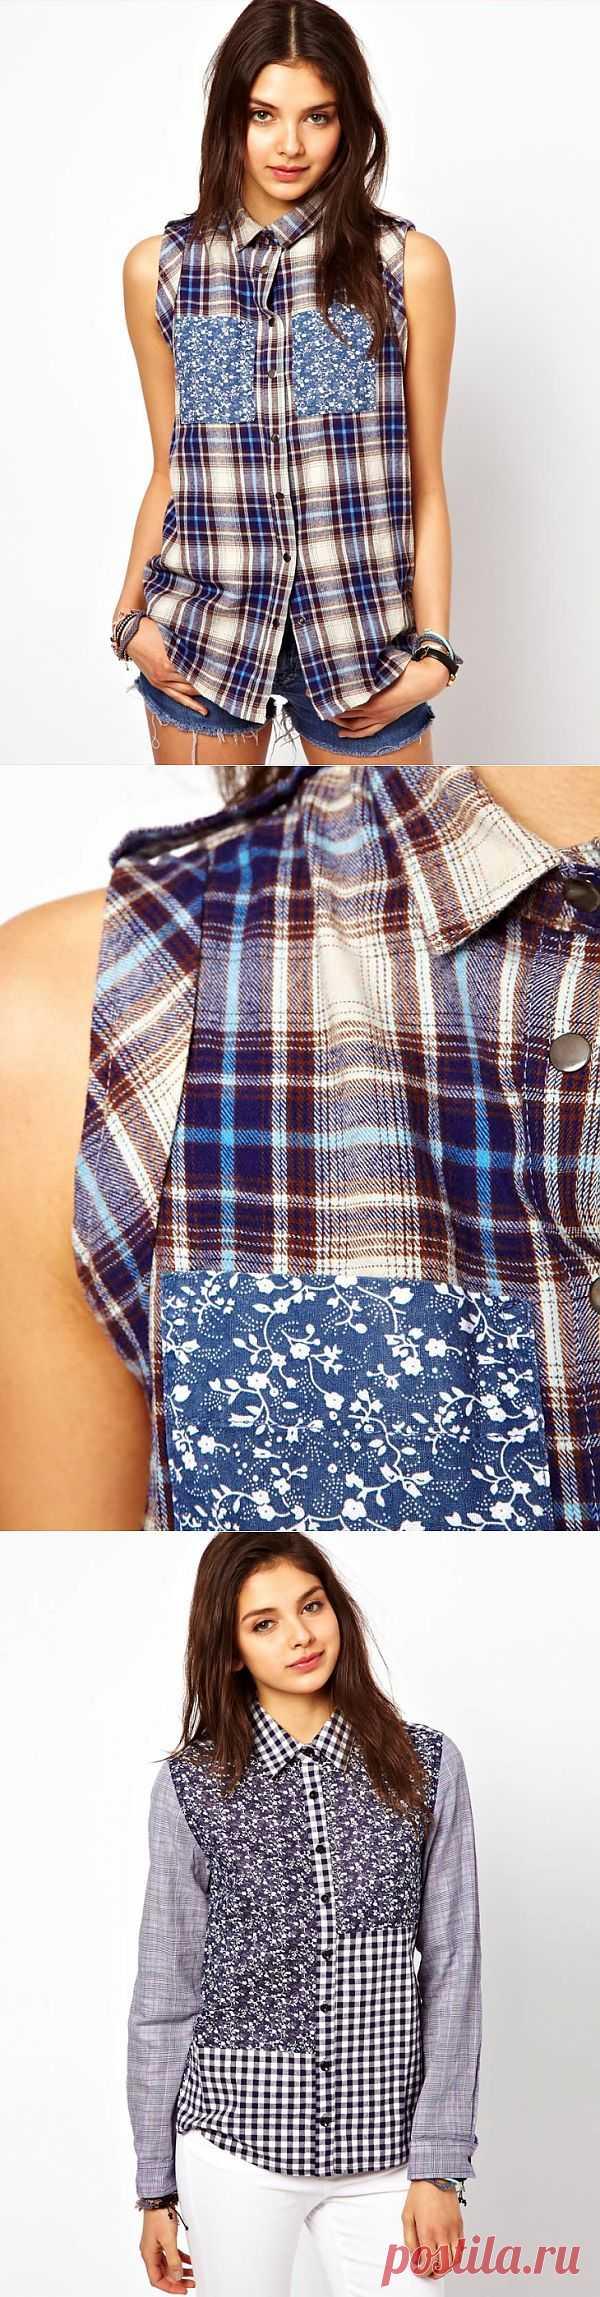 Интересная рубашка Asos (+1) / Рубашки / Модный сайт о стильной переделке одежды и интерьера